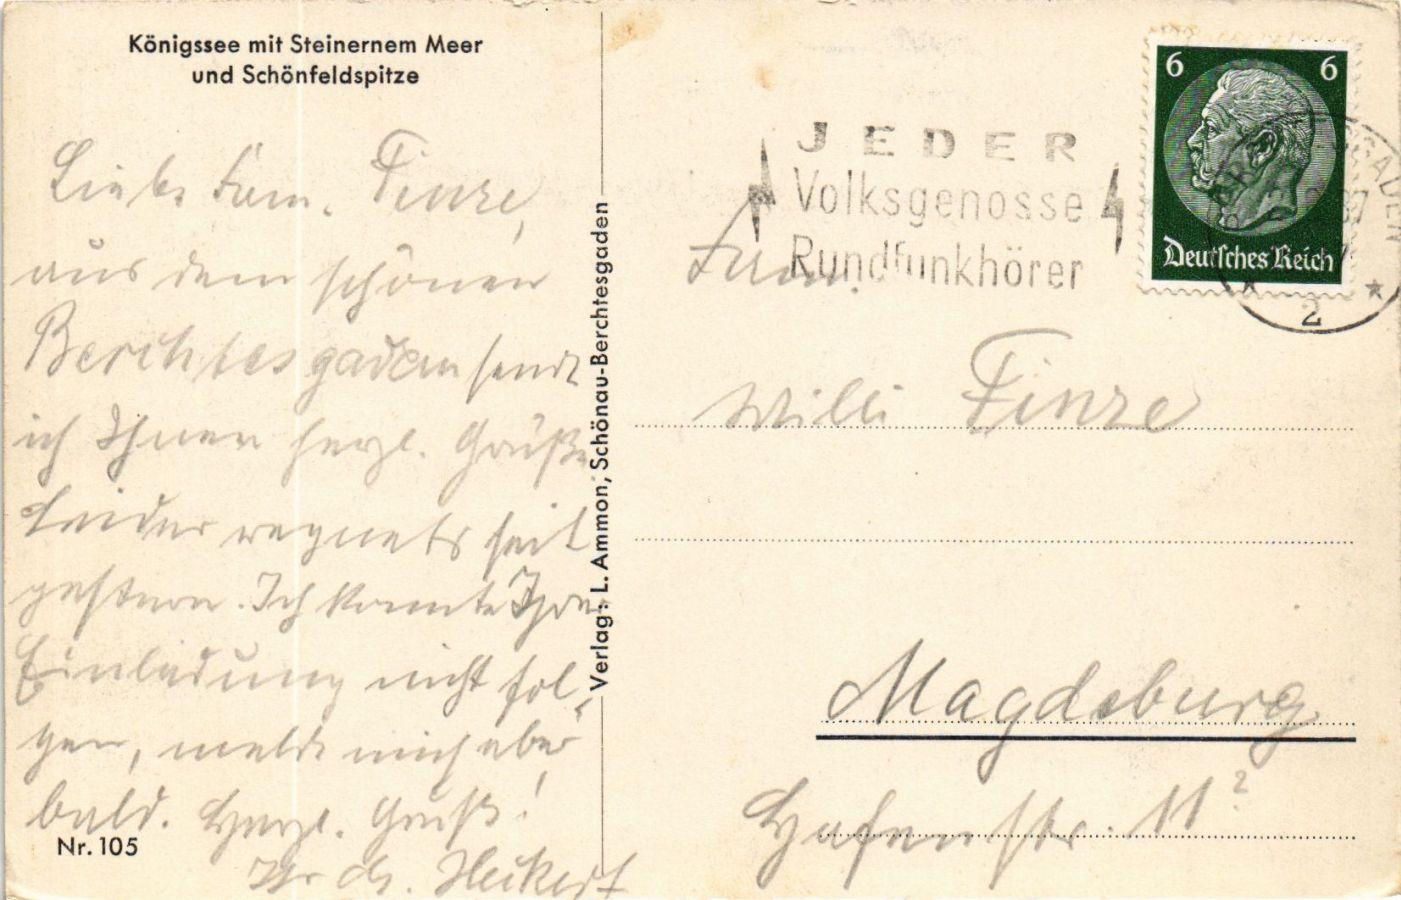 CPA-AK-Konigssee-mit-Steinernem-Meer-GERMANY-879284 miniature 2